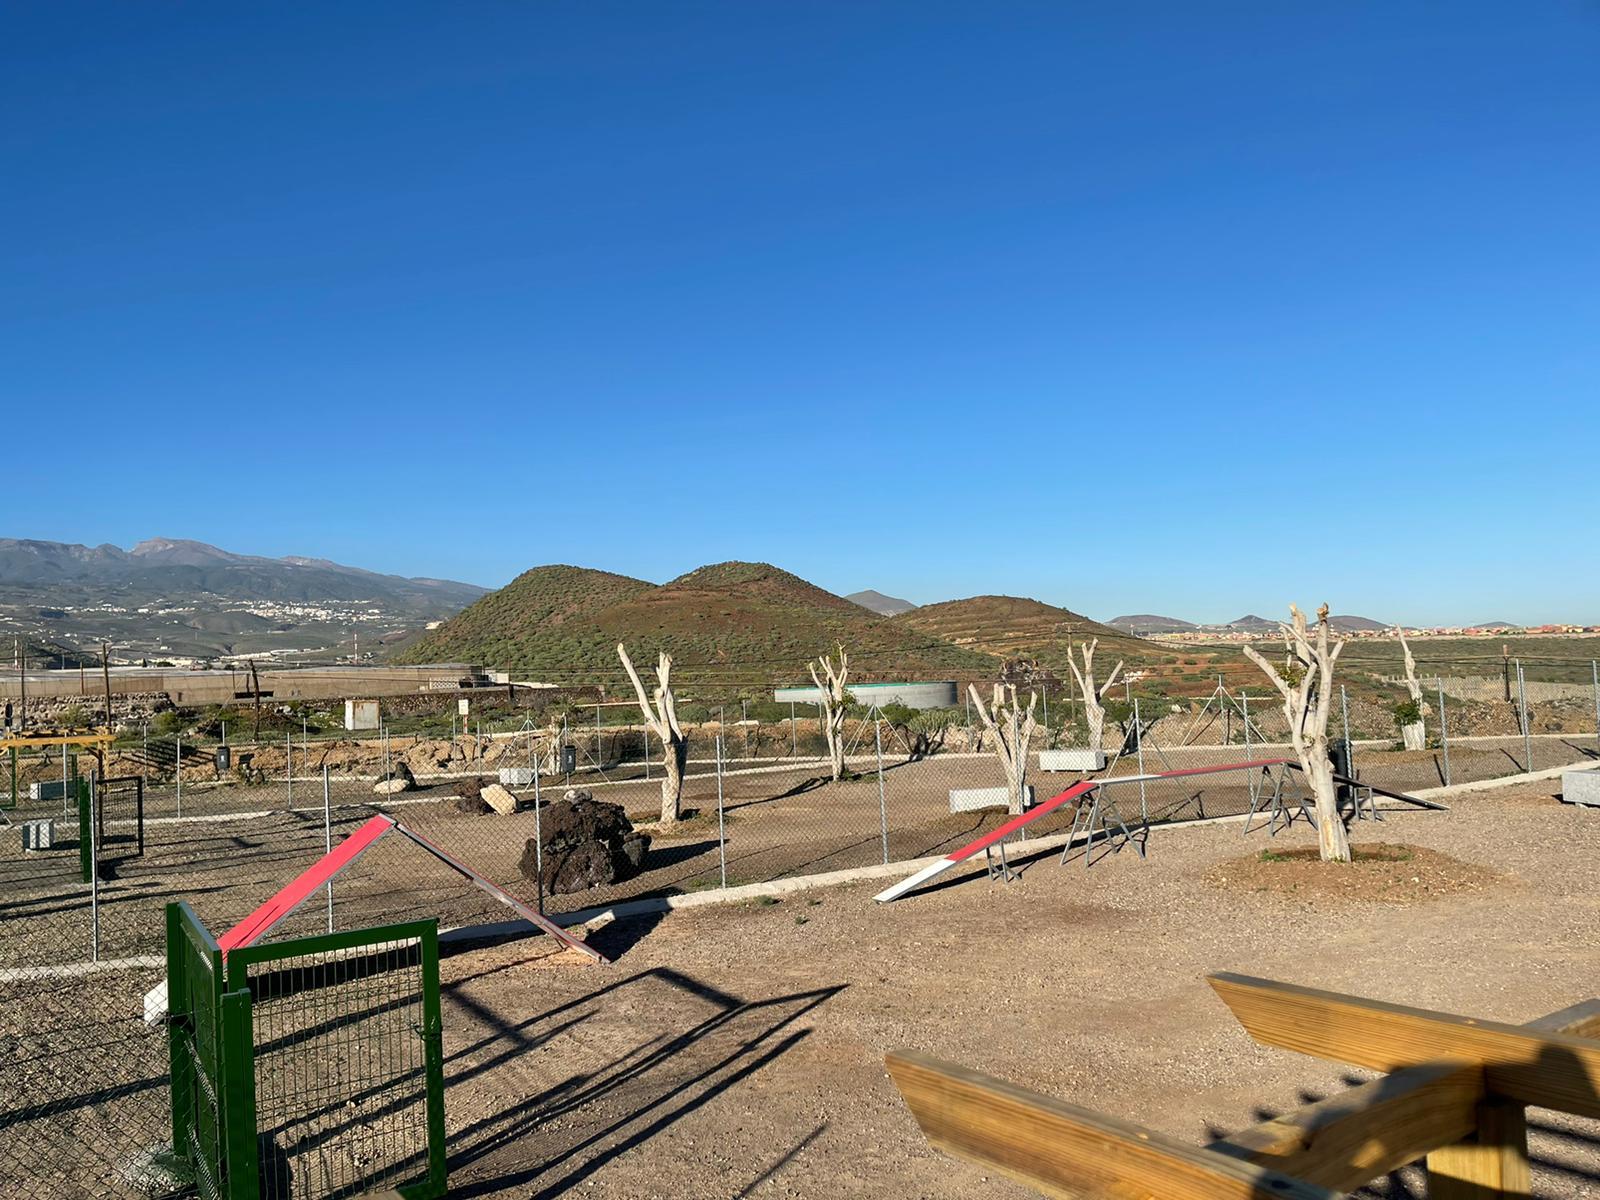 Parque canino. San Miguel de Abona/ canariasnoticias